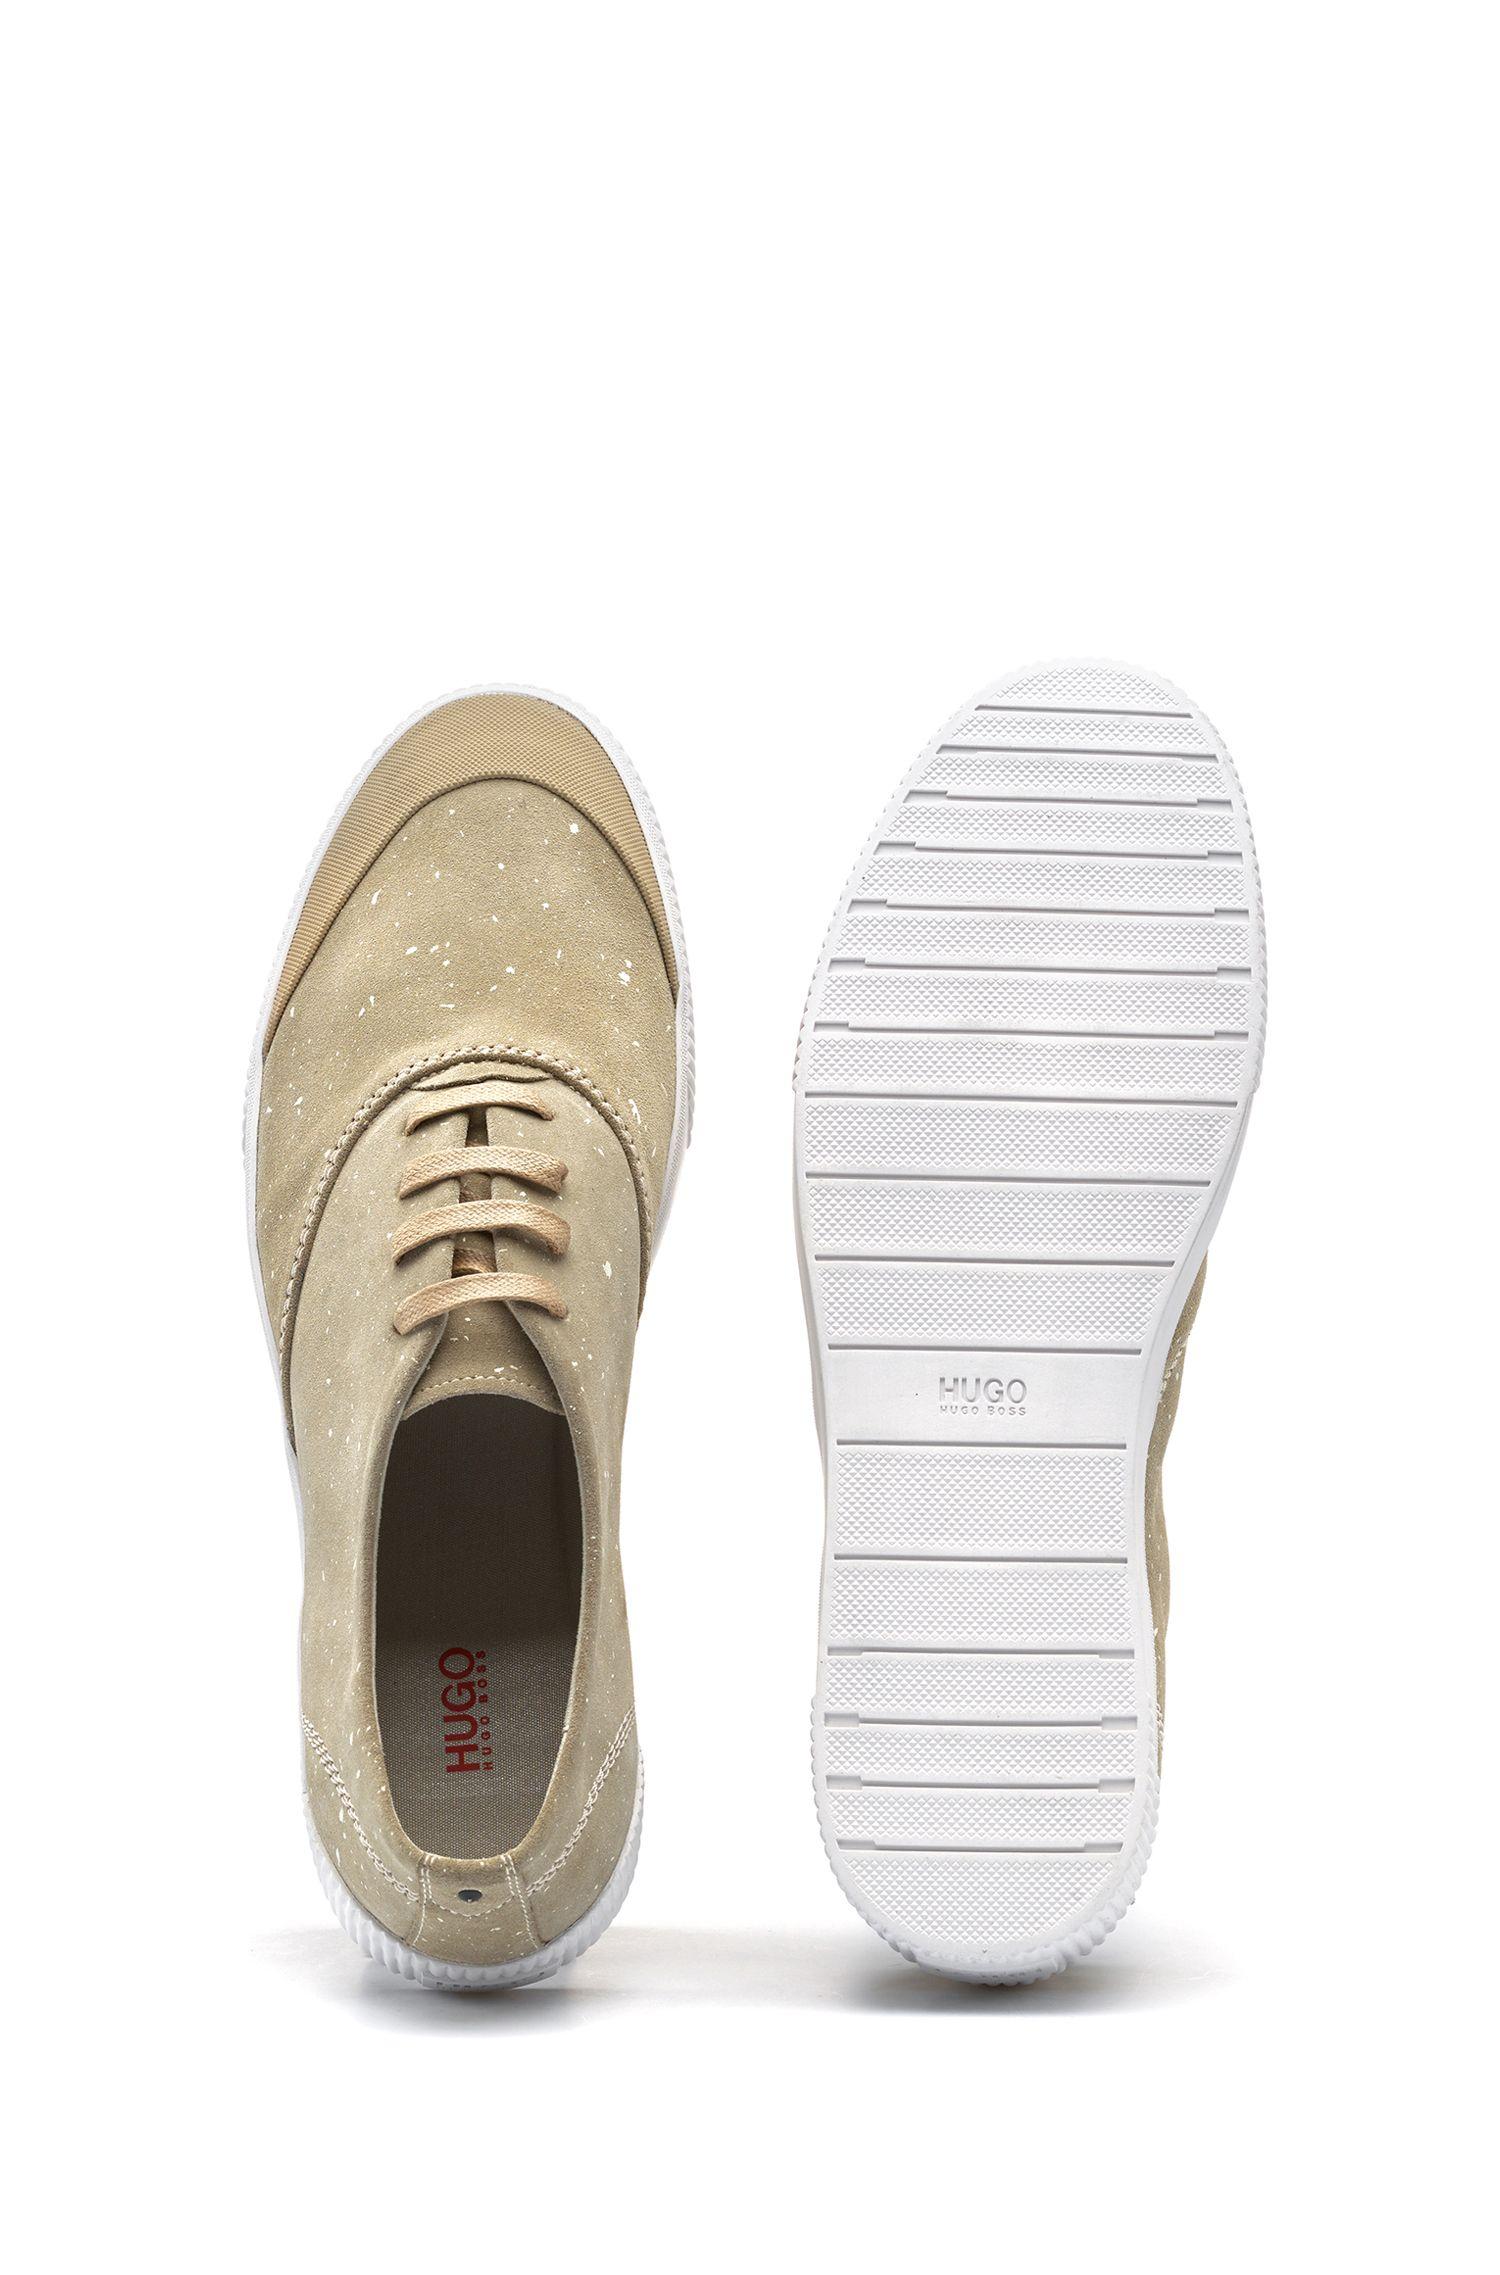 Sneakers aus Veloursleder mit Farbspritzer-Muster